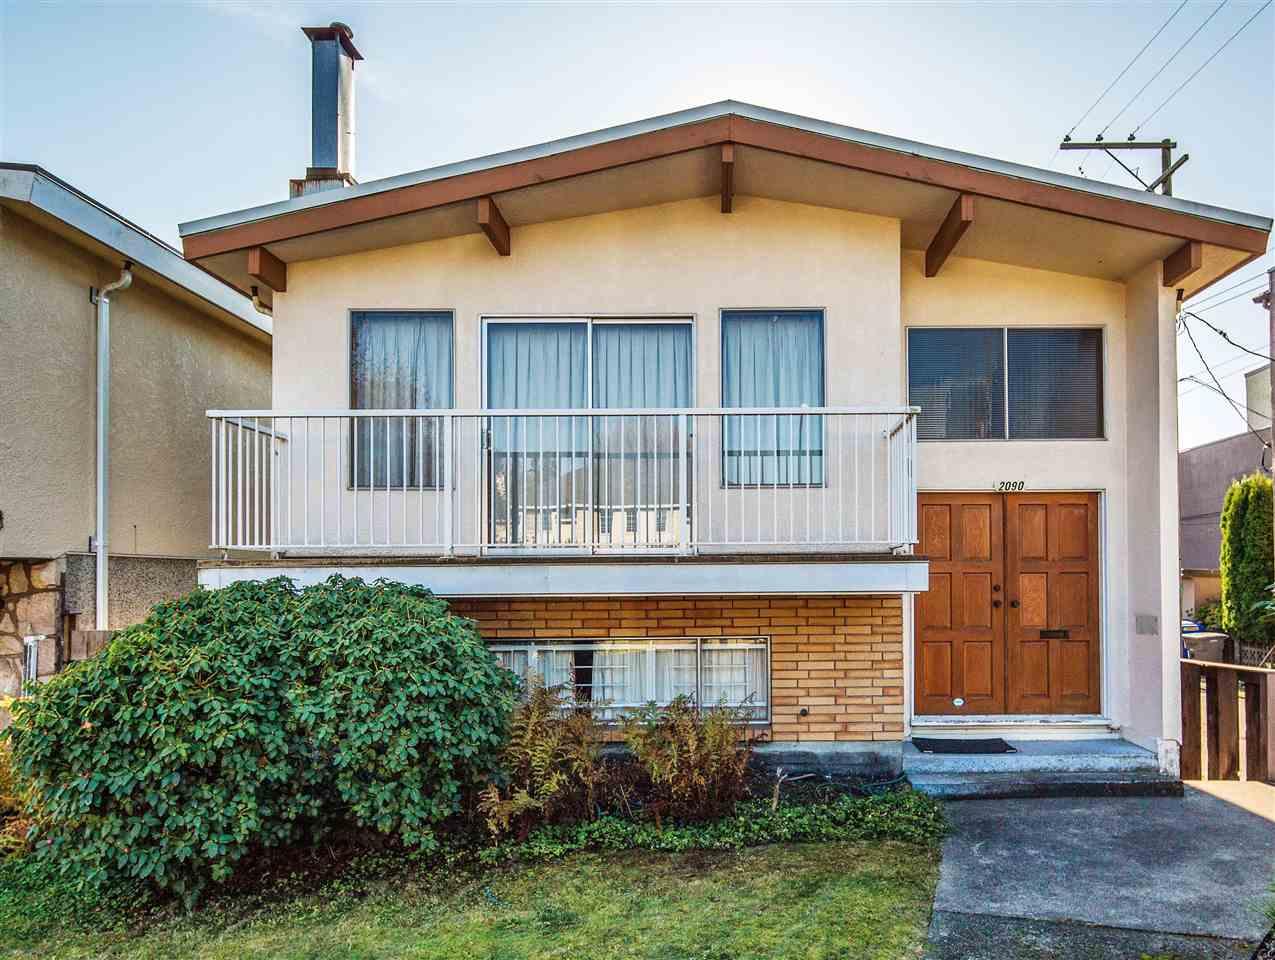 2090 W 44TH AVENUE, Vancouver, BC, V6M 2E9 Primary Photo